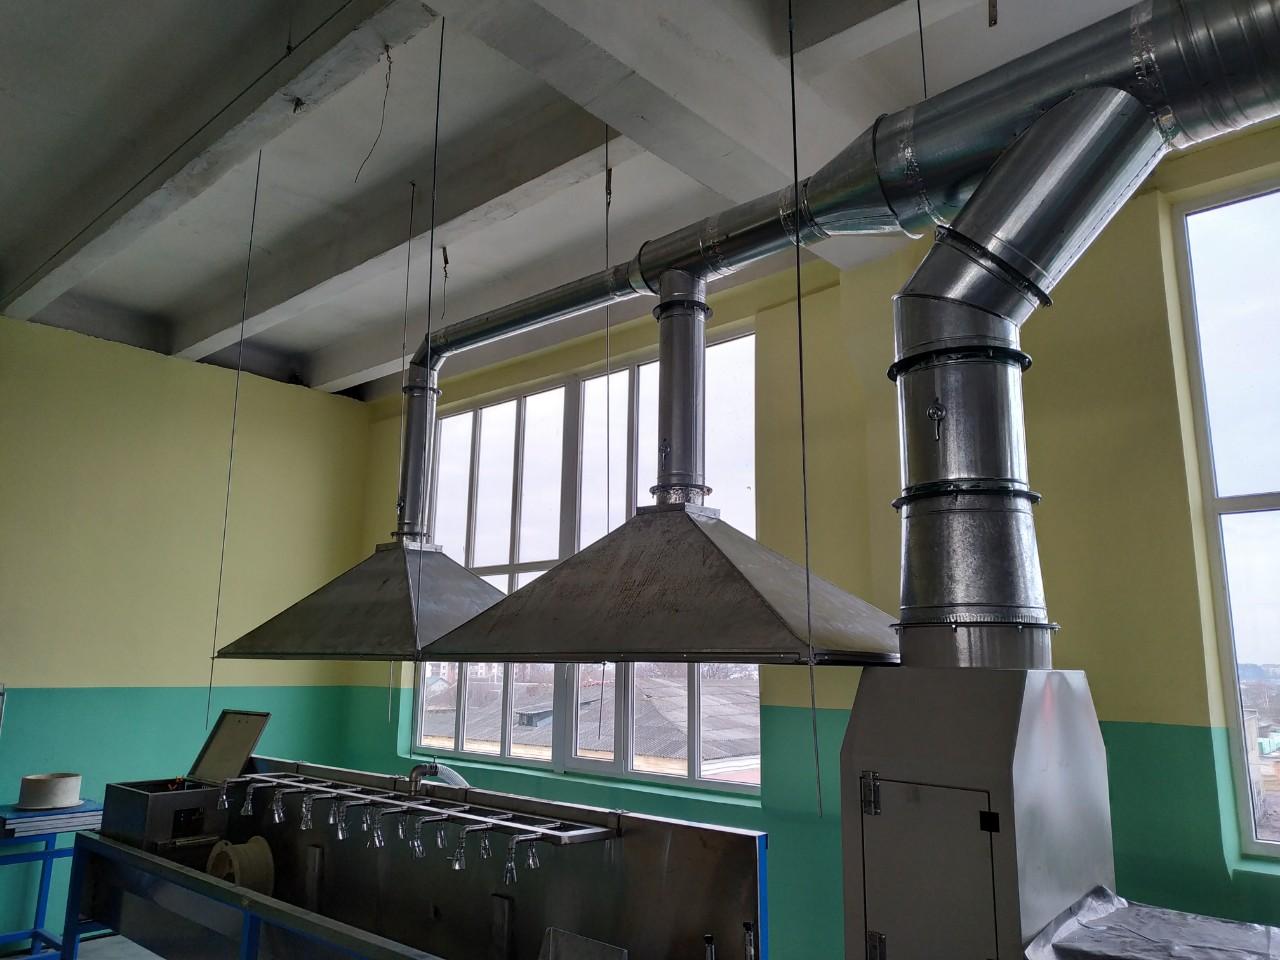 монтаж систем вентиляции на заводе